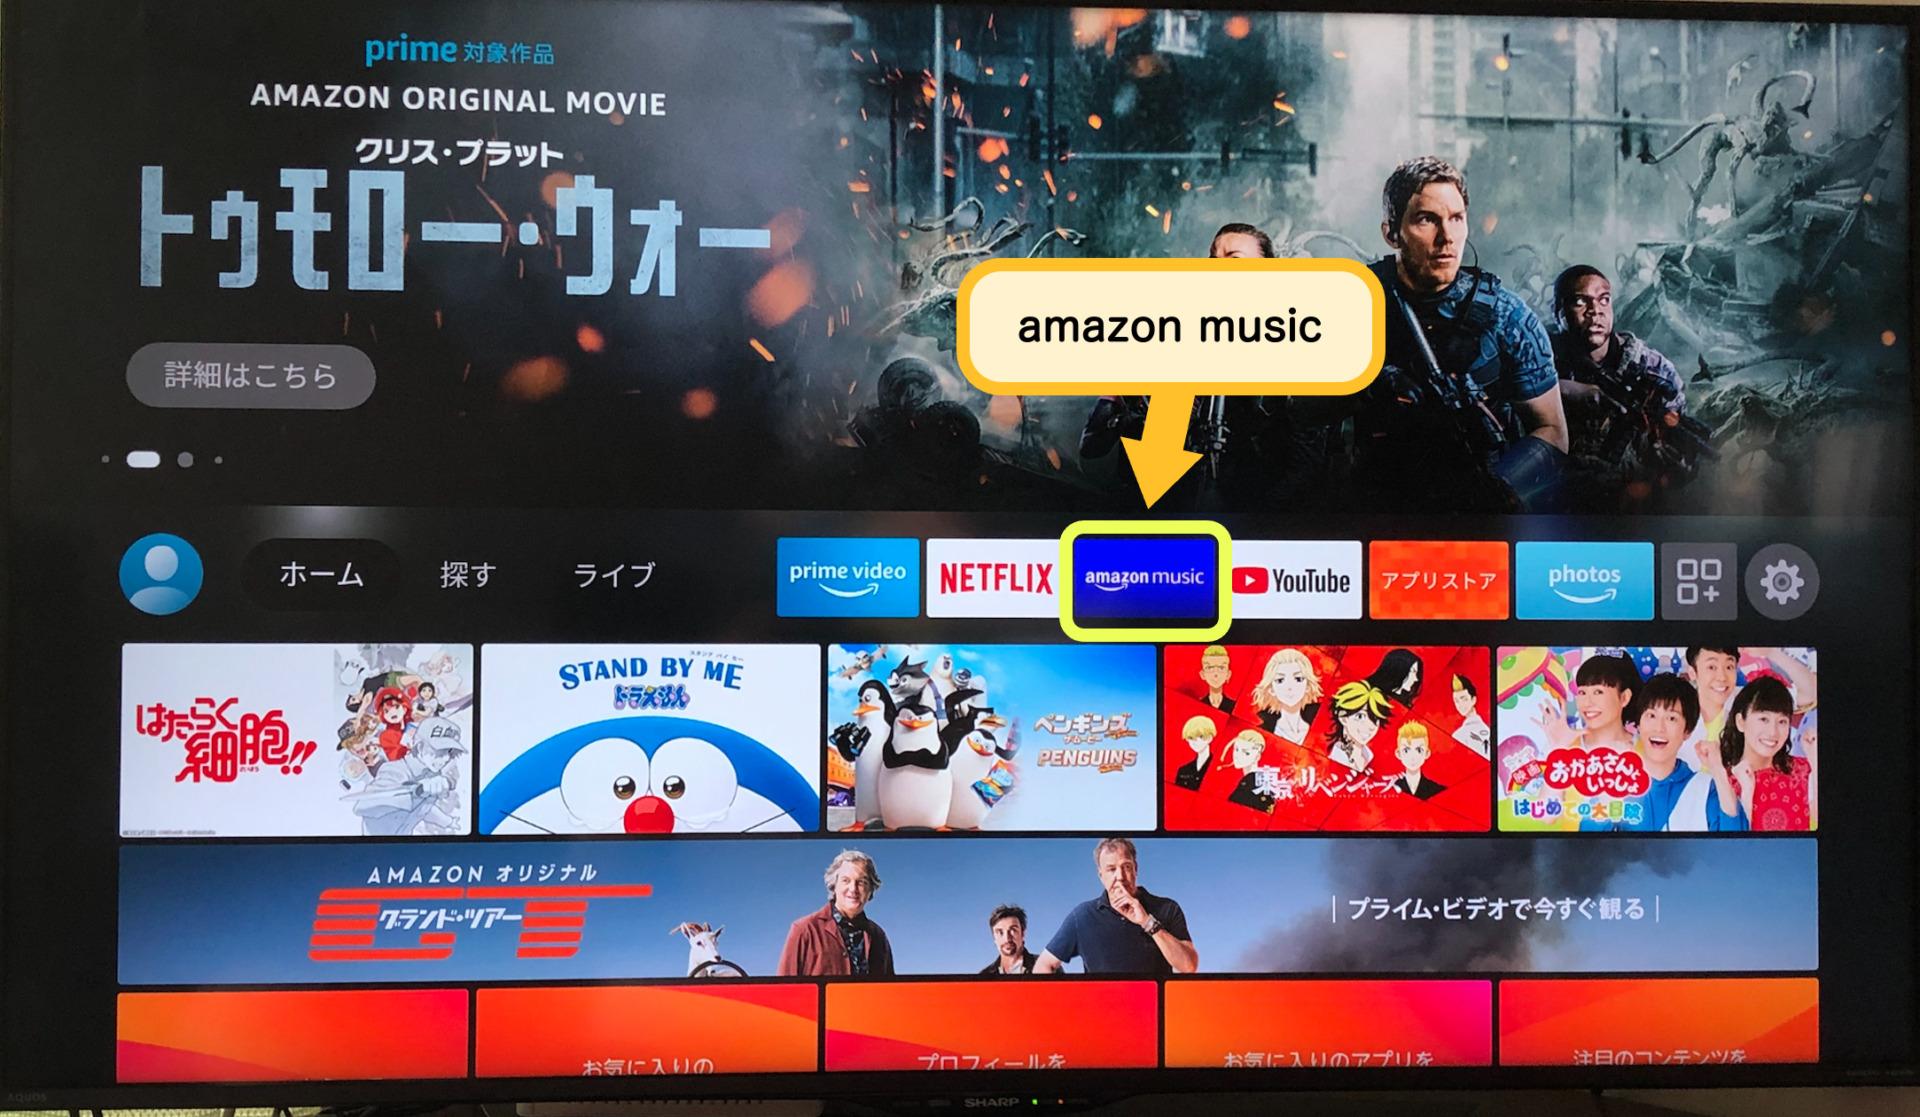 amazon musicの画面